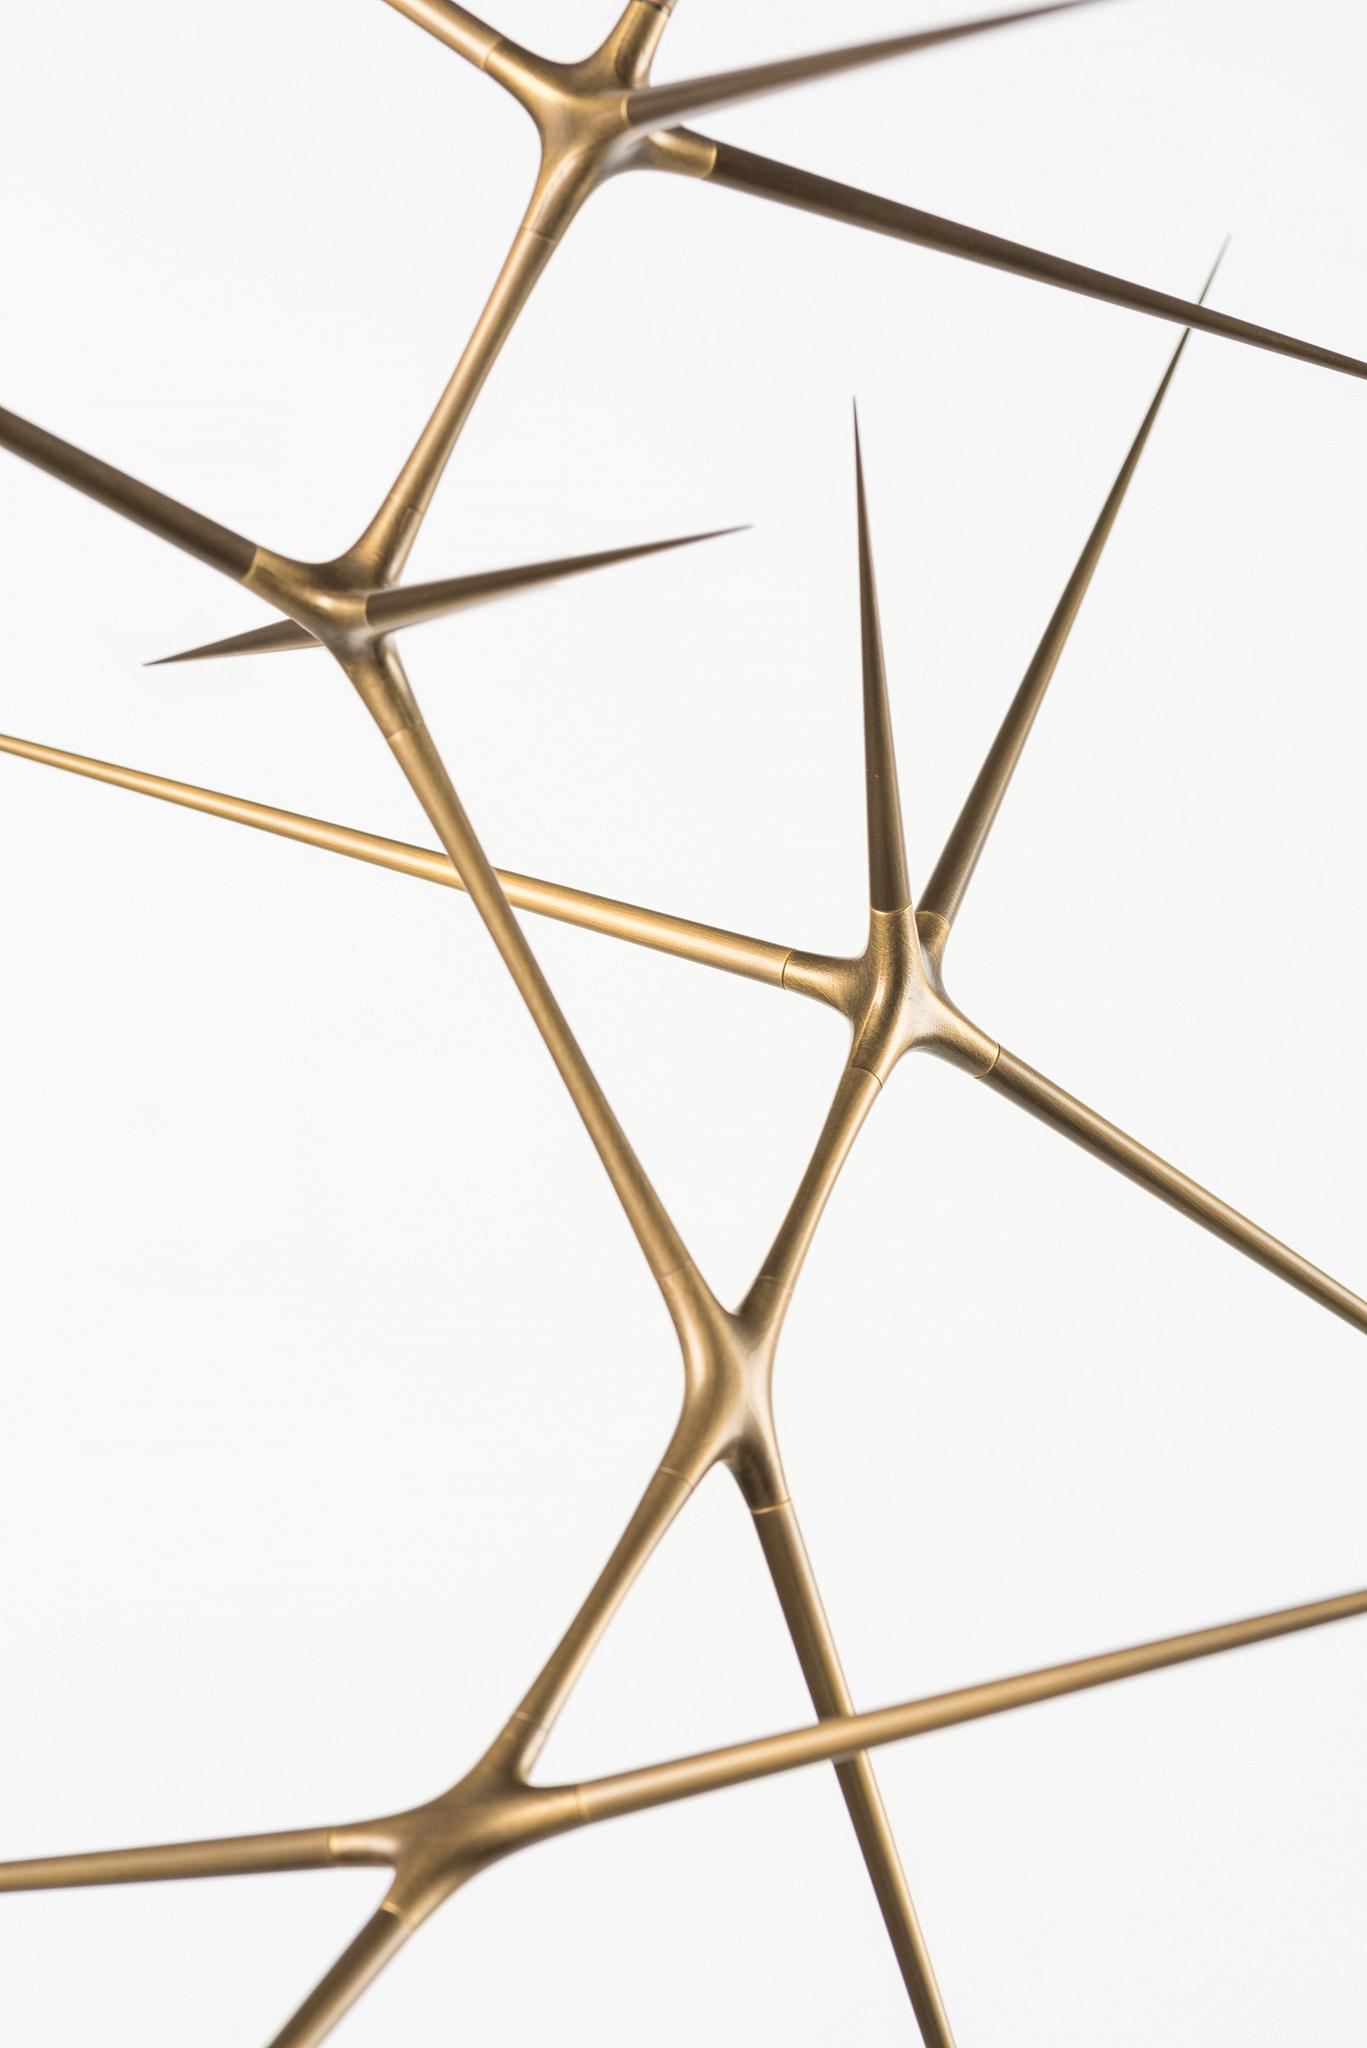 detail of a Meridian sculpture by Christopher Kurtz